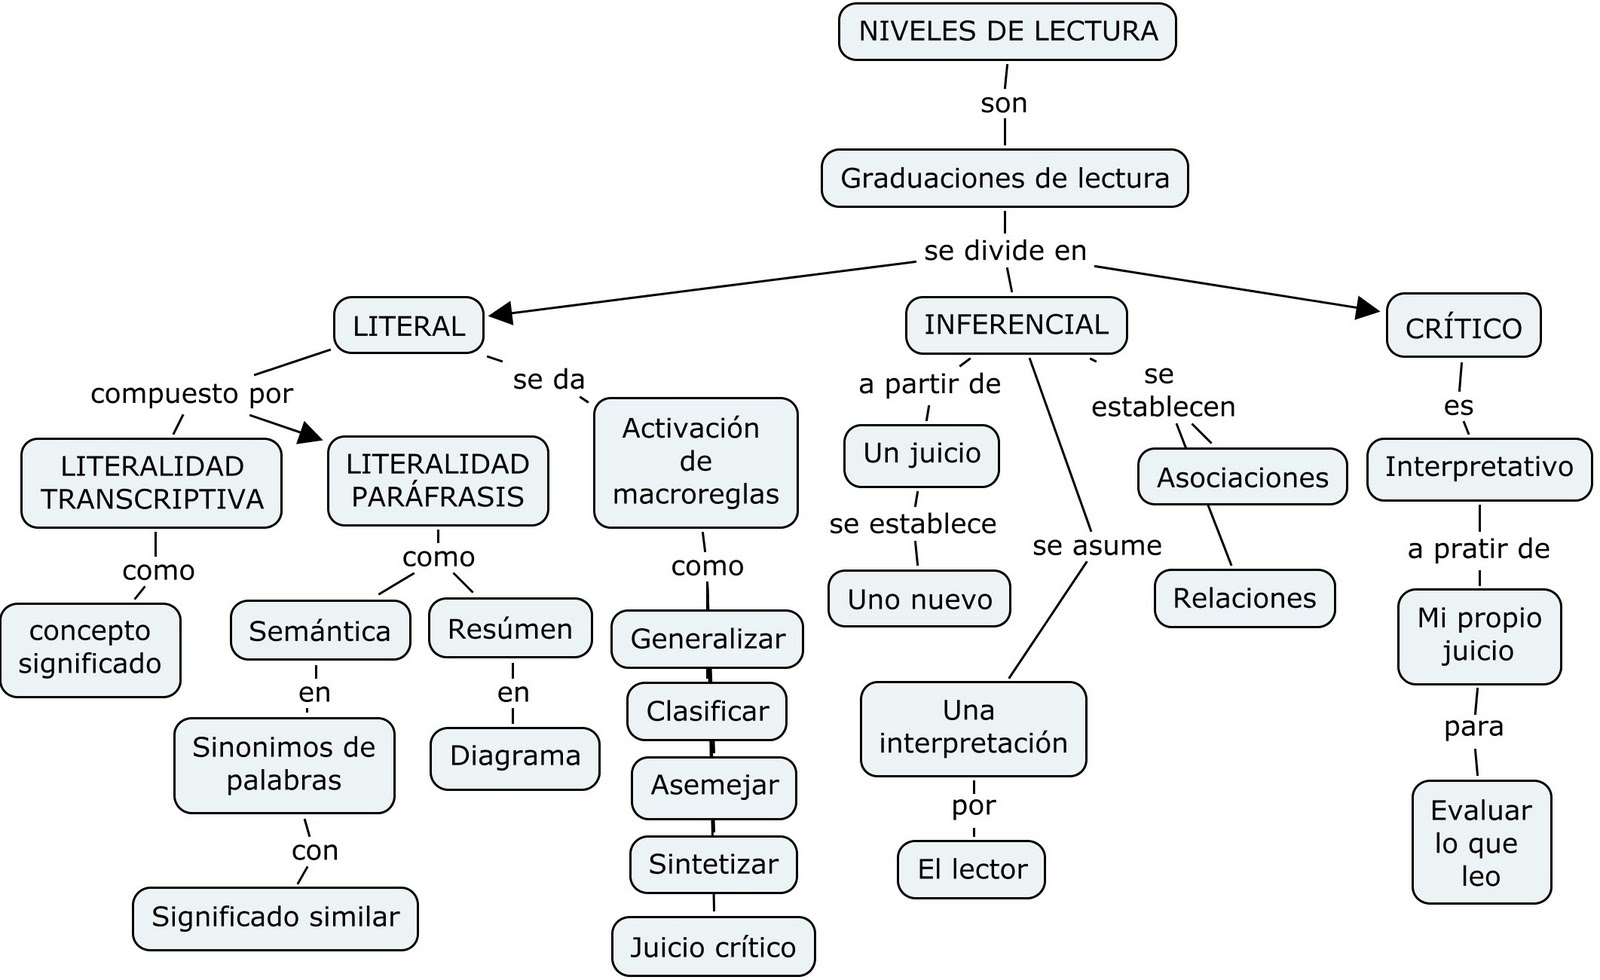 imaginacion lectura y analisis de: